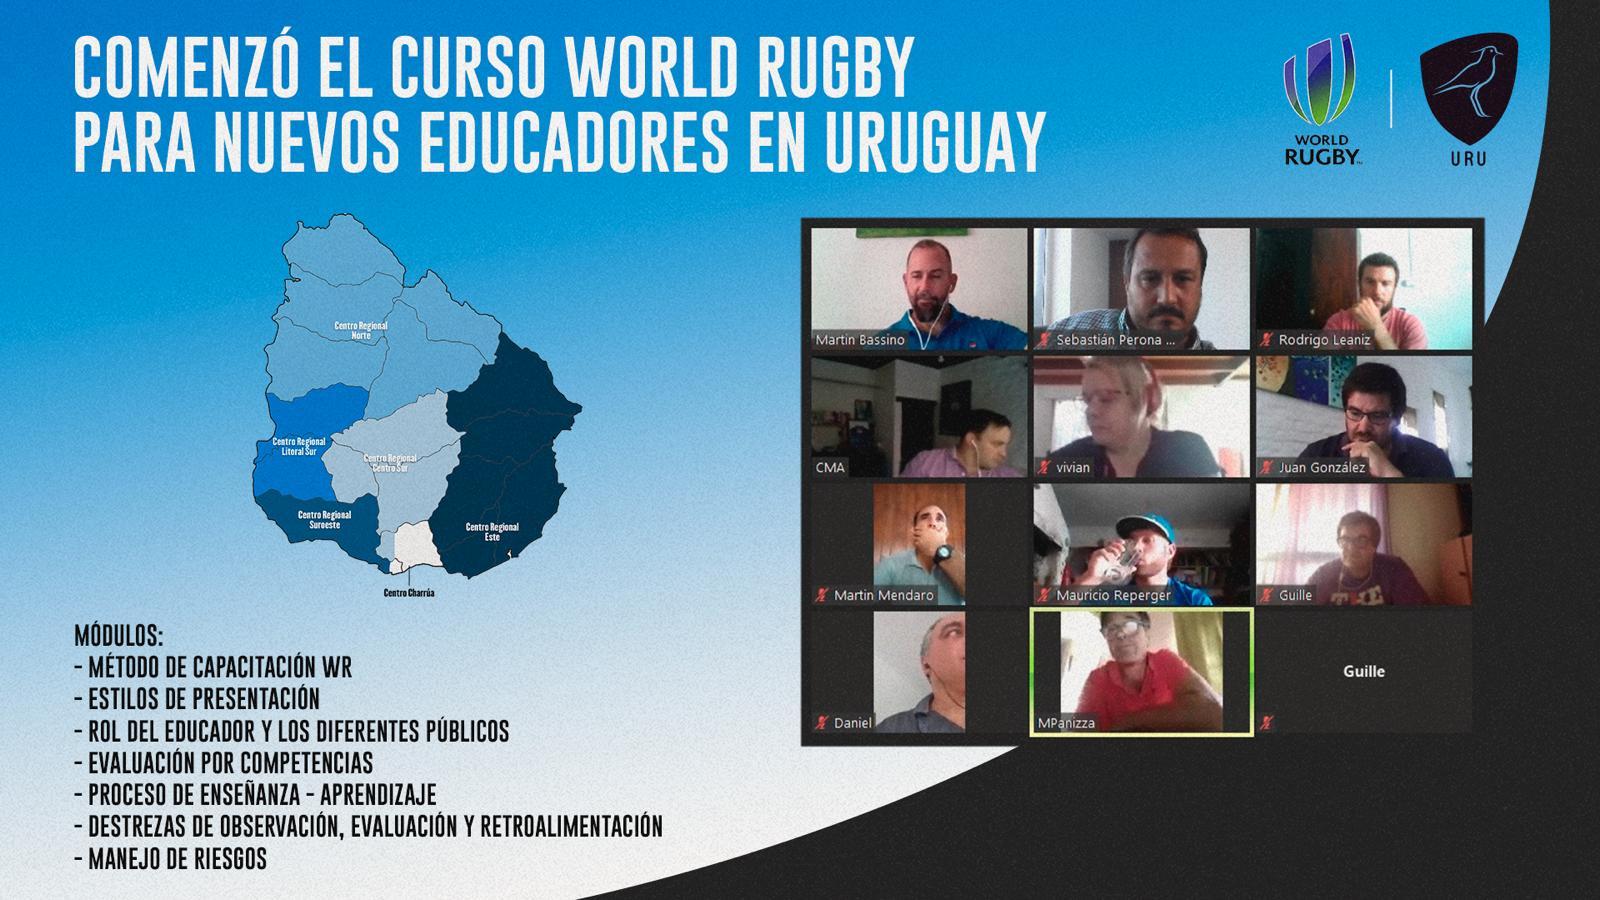 Curso World Rugby para nuevos educadores en Uruguay